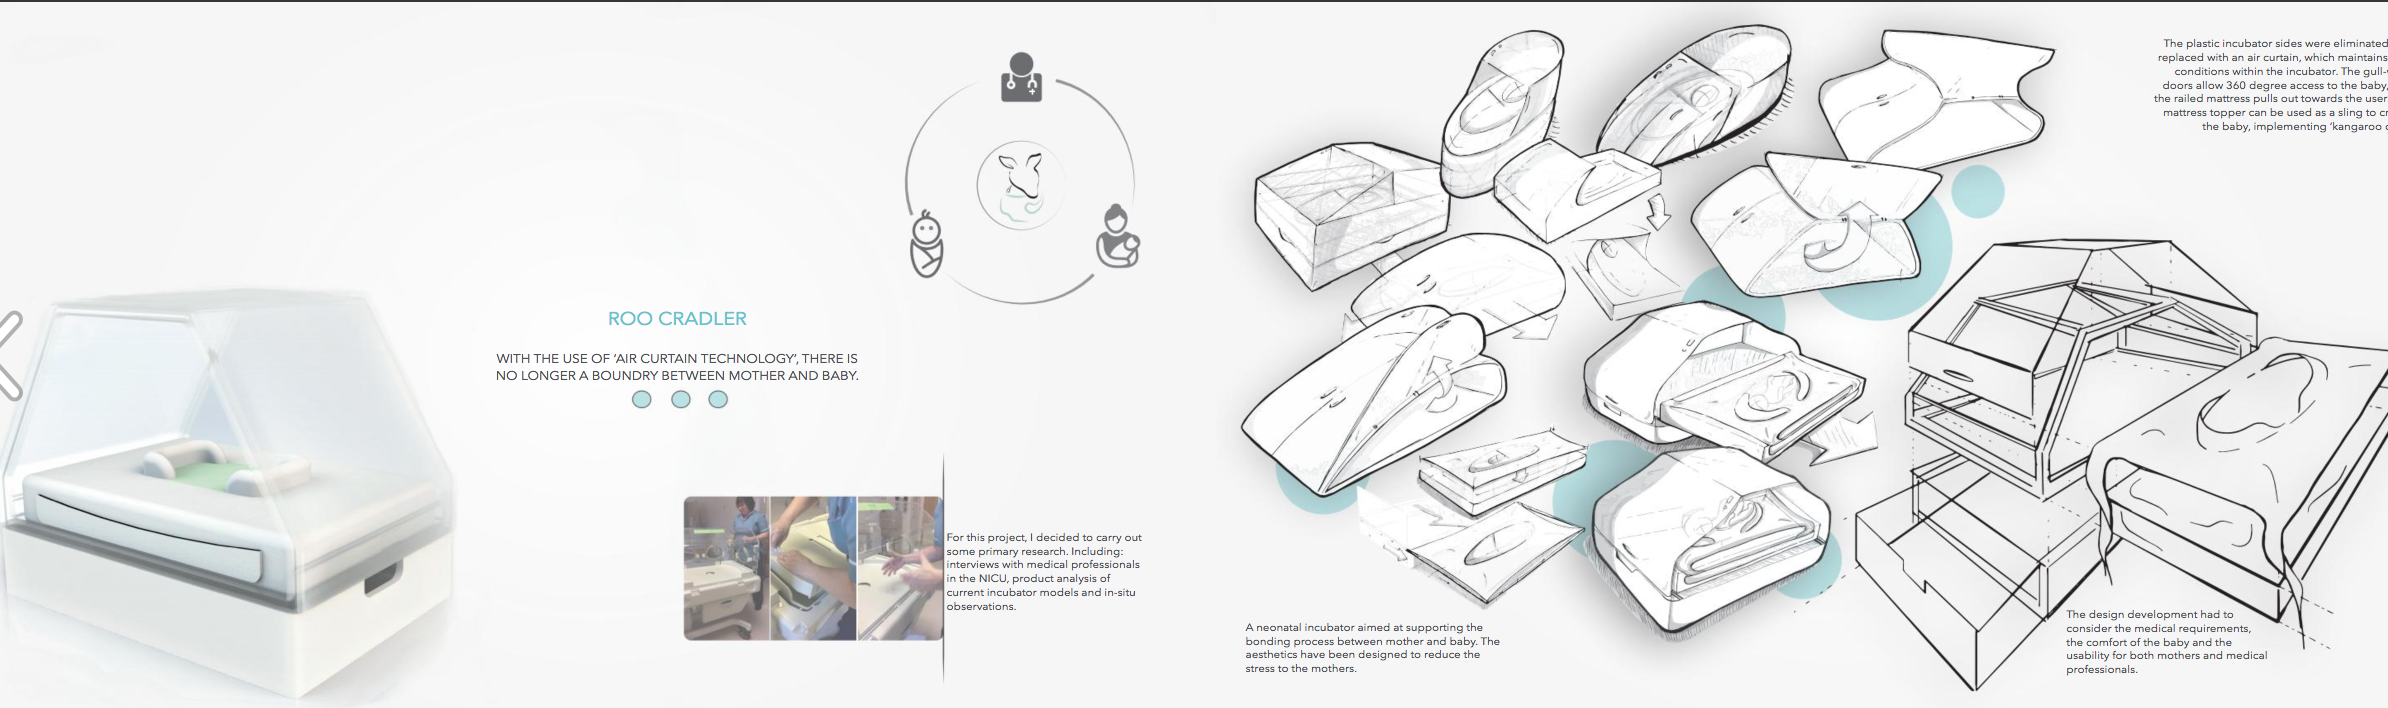 포트폴리오 리뷰(Product) - Sketch, Picture, Mag...